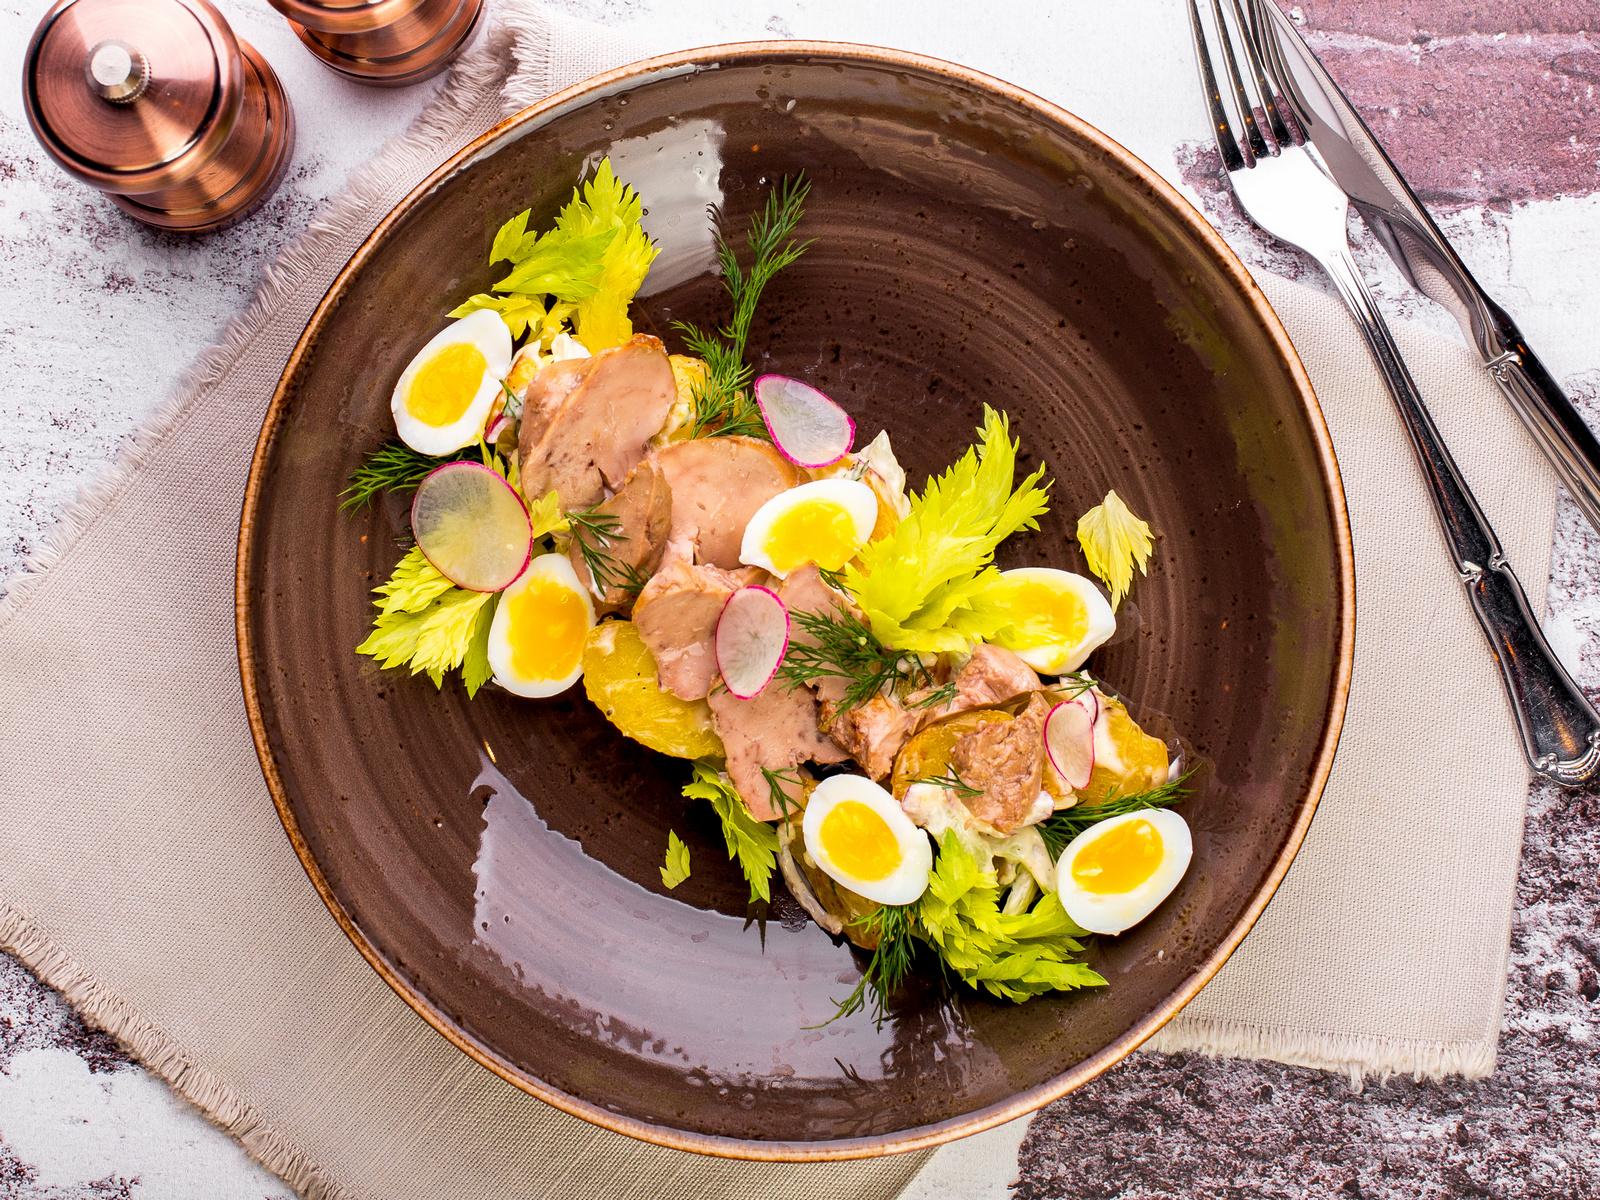 Салат с печенью трески, молодым картофелем и перепелиным яйцом